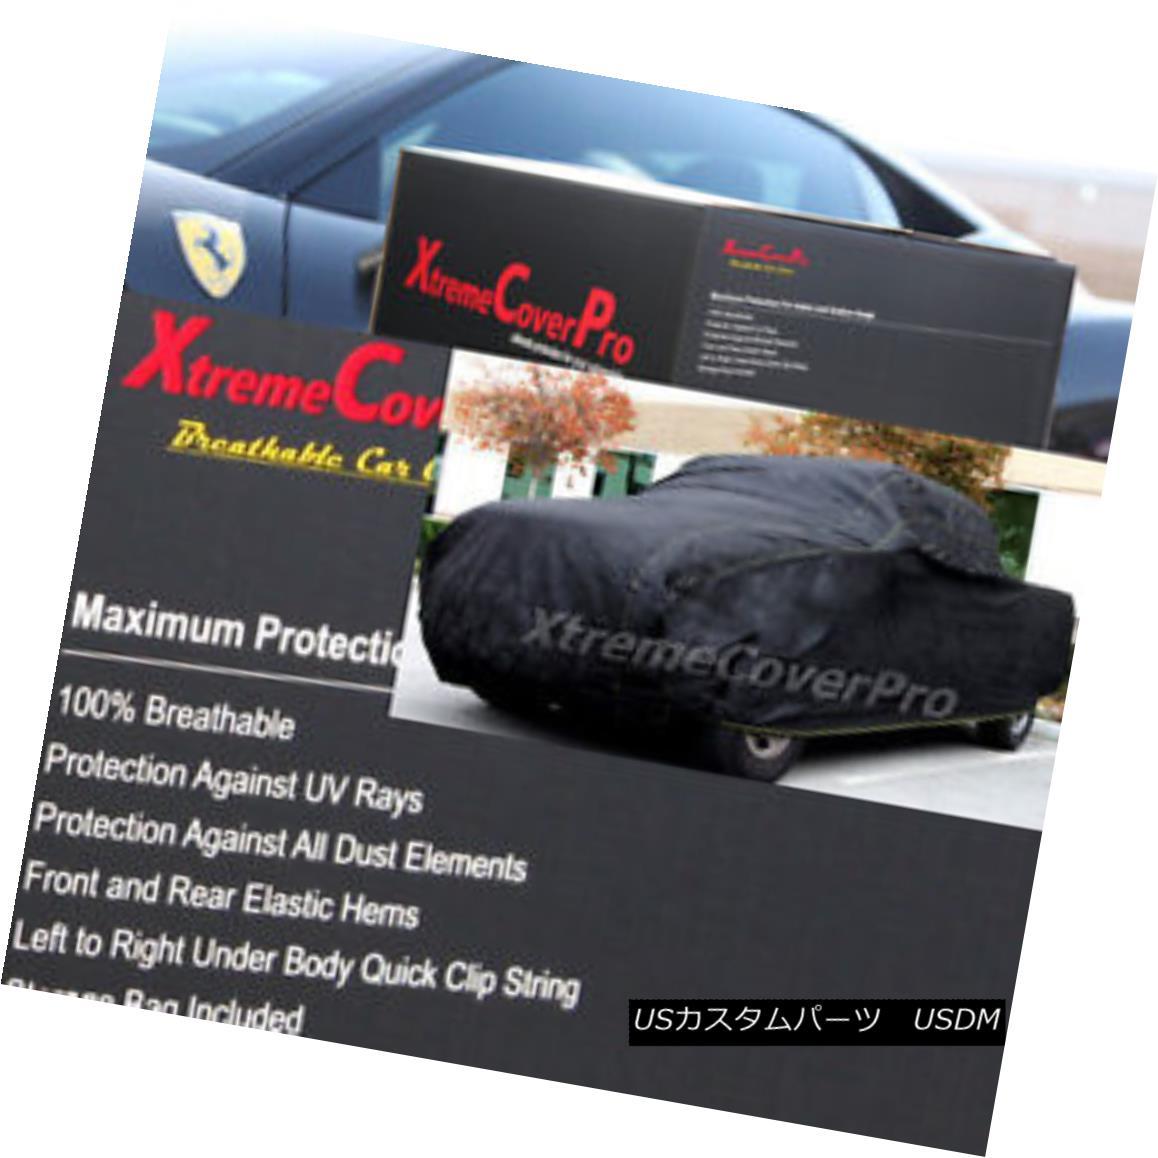 カーカバー 2001 2002 2003 Ford F-150 SuperCab 8ft Long Bed Breathable Truck Cover 2001 2002 2003フォードF-150スーパーキャブ8フィートロングベッド通気性トラックカバー